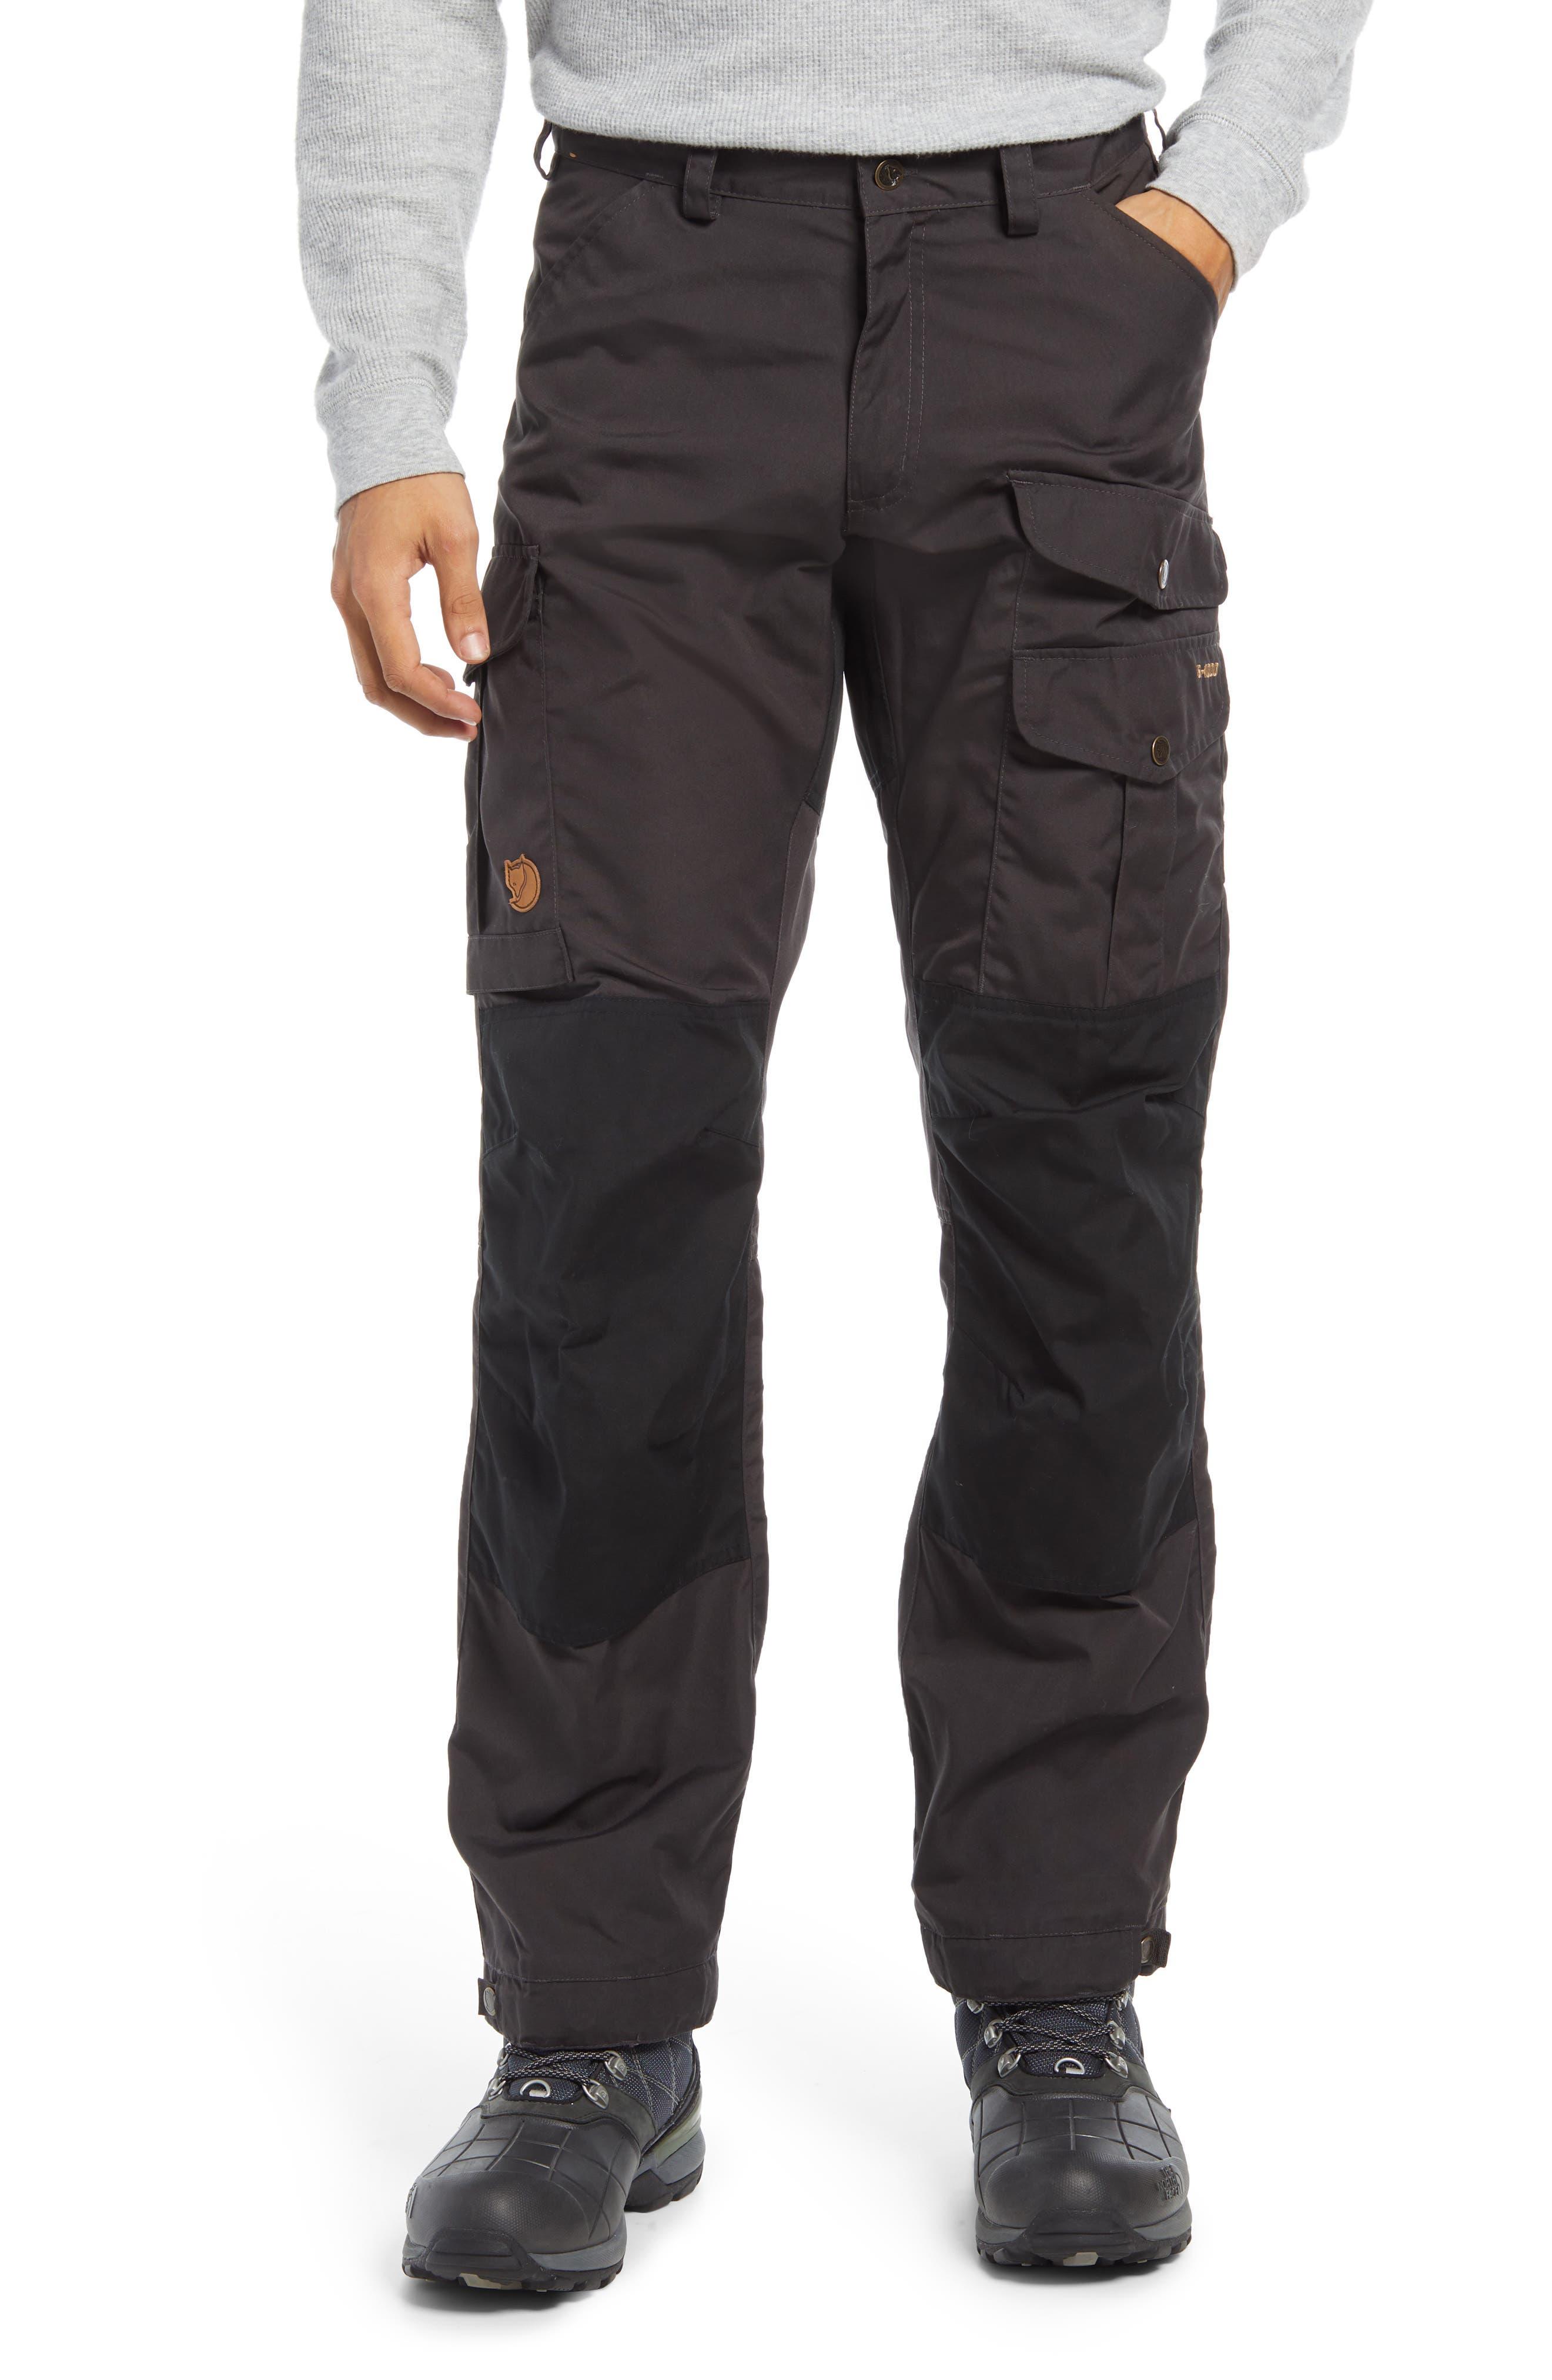 'Vidda Pro' Cargo Pants